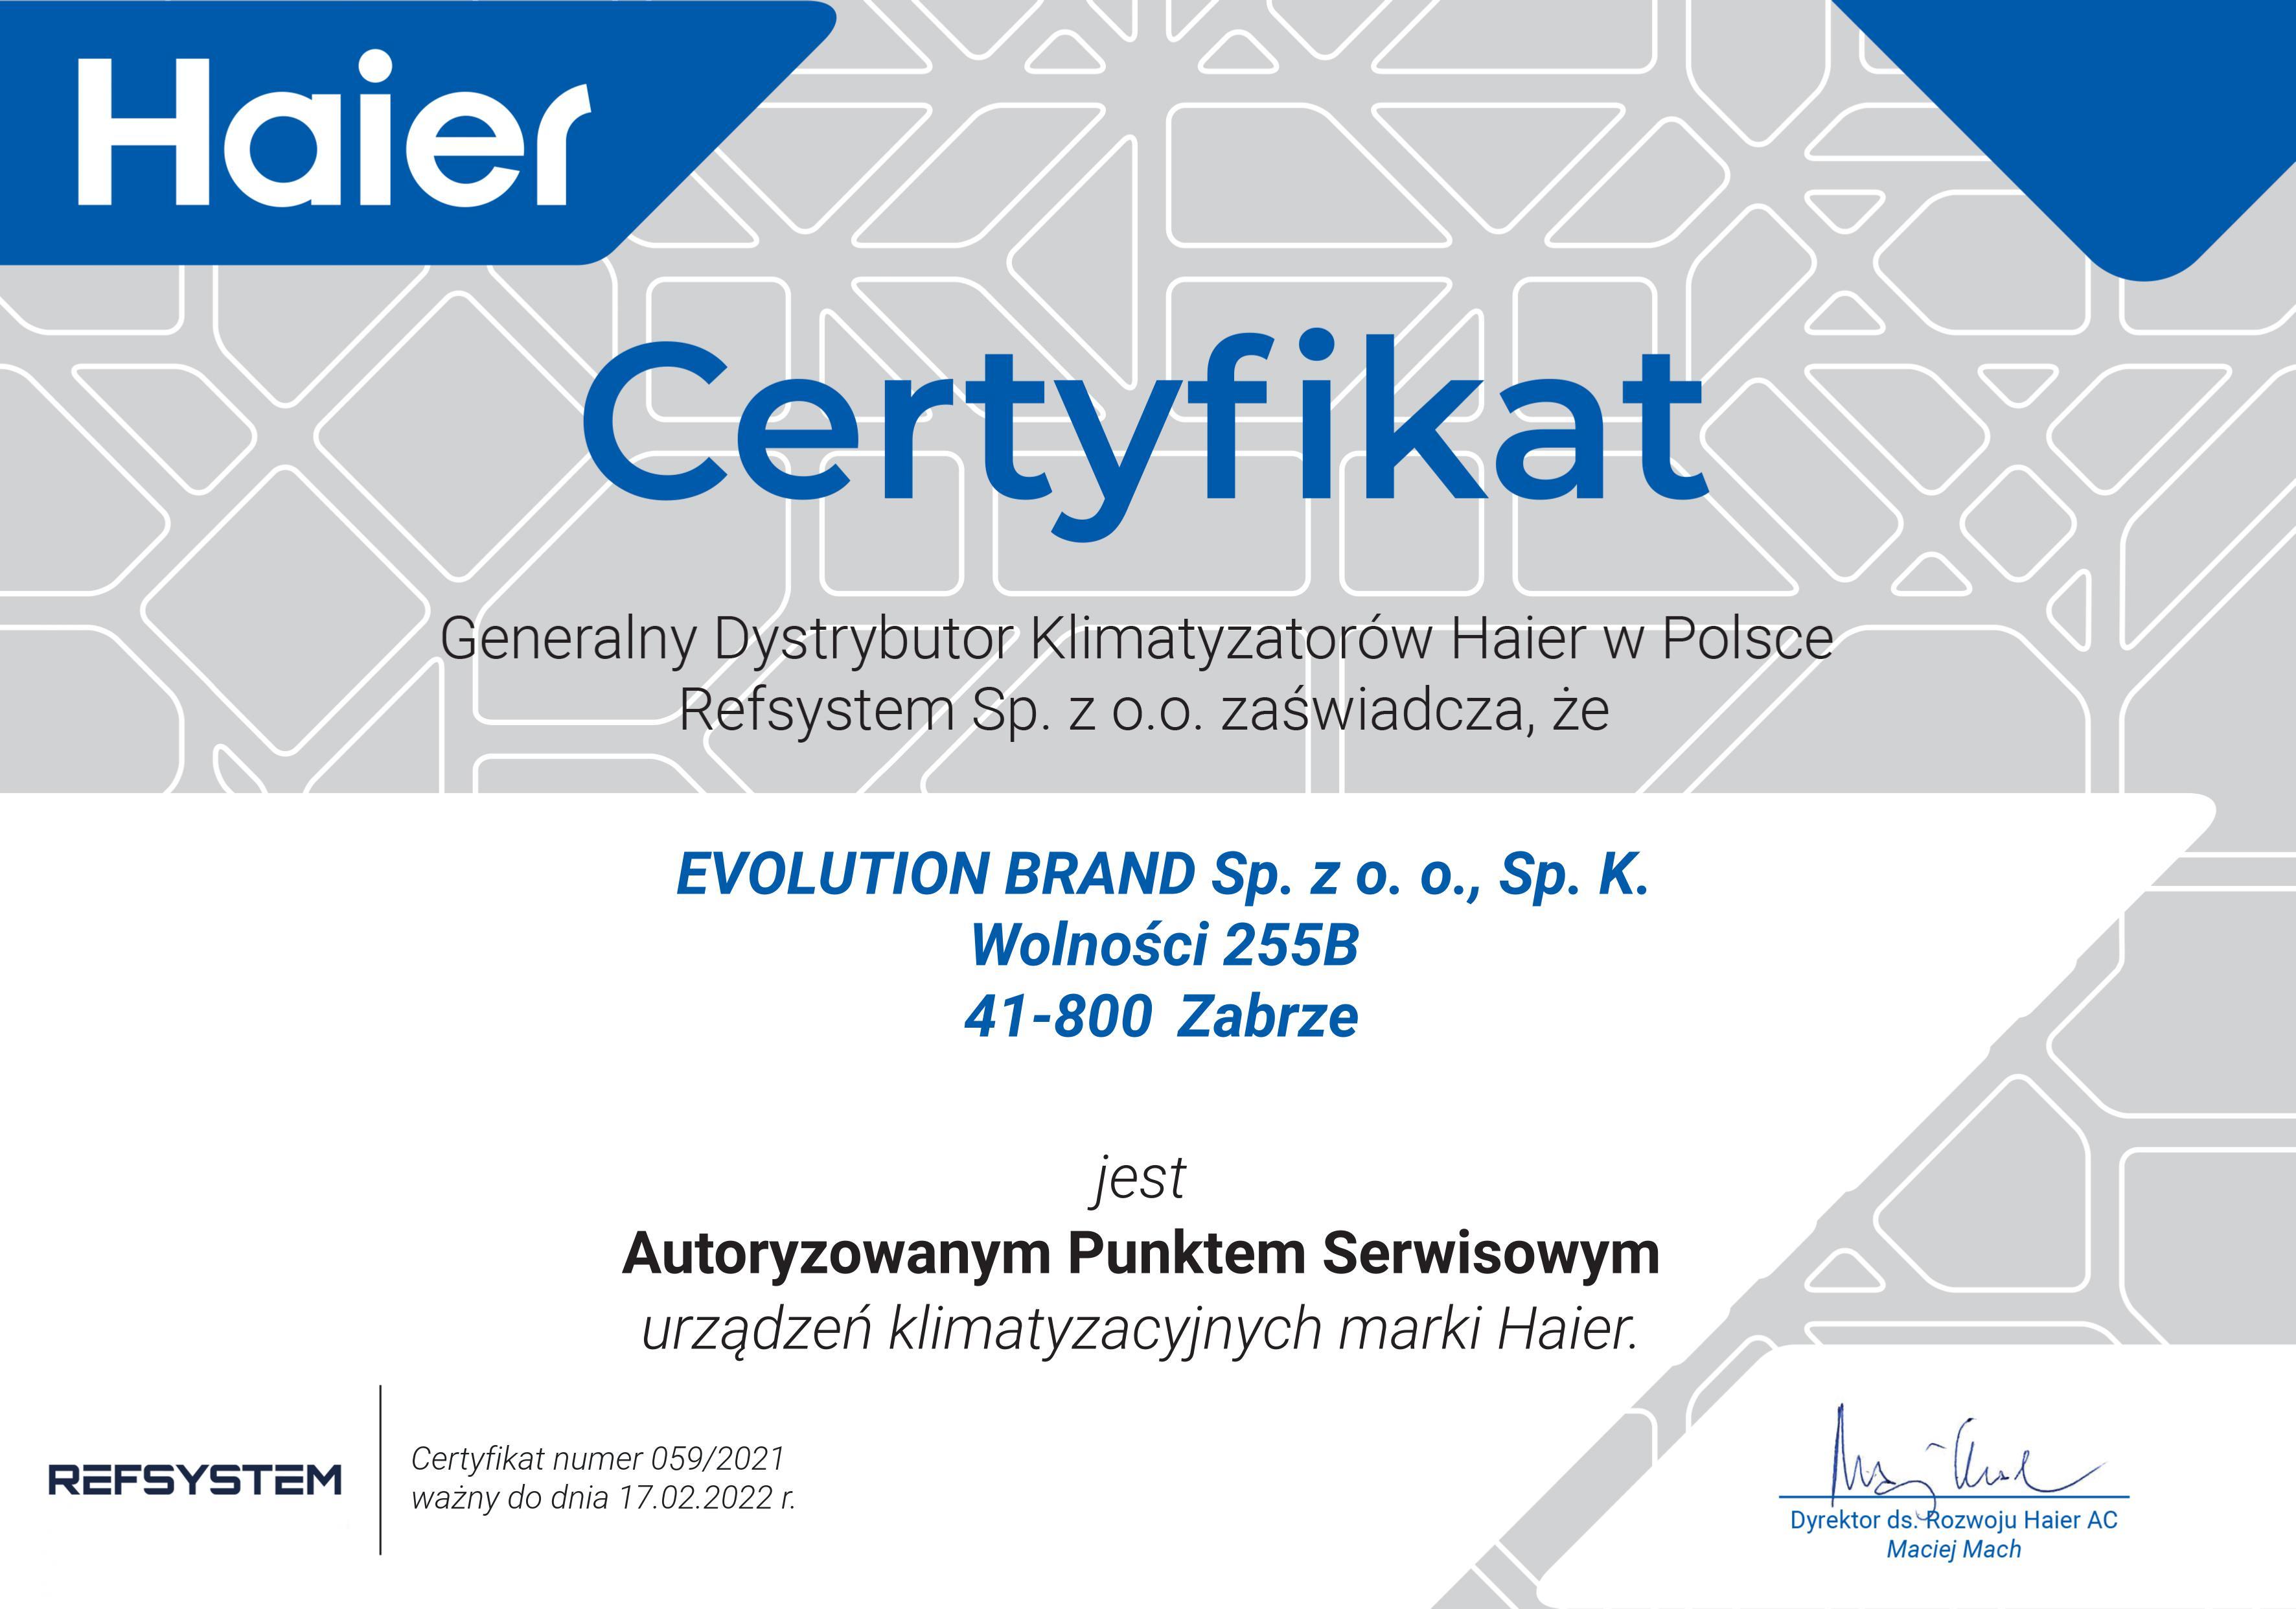 Certyfikat Haier 2021